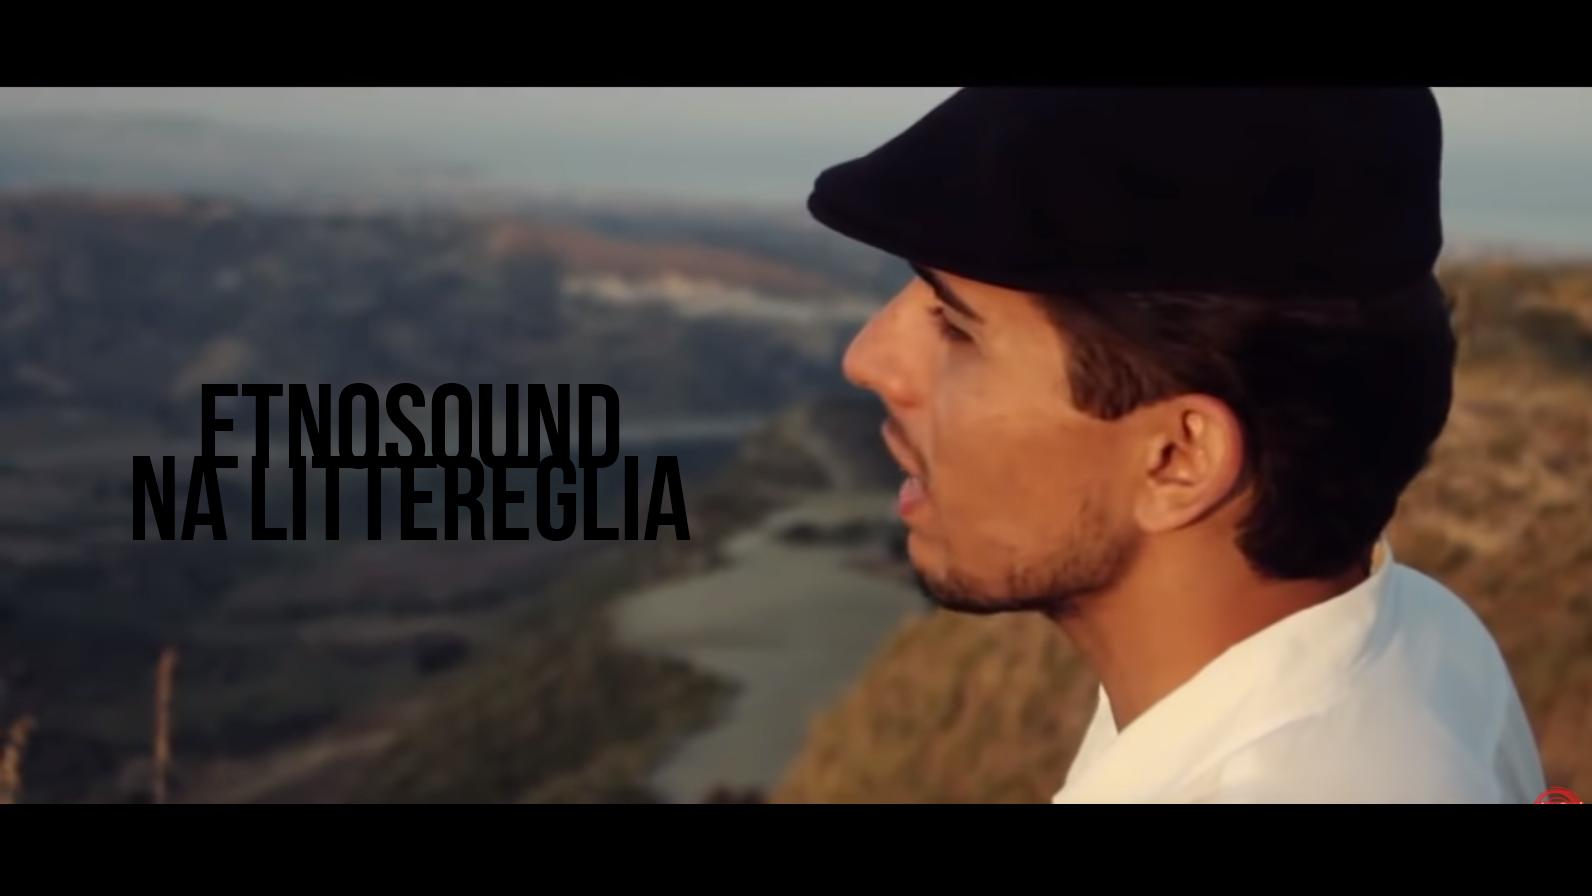 Na Littareglia – Official Video – ETNOSOUND